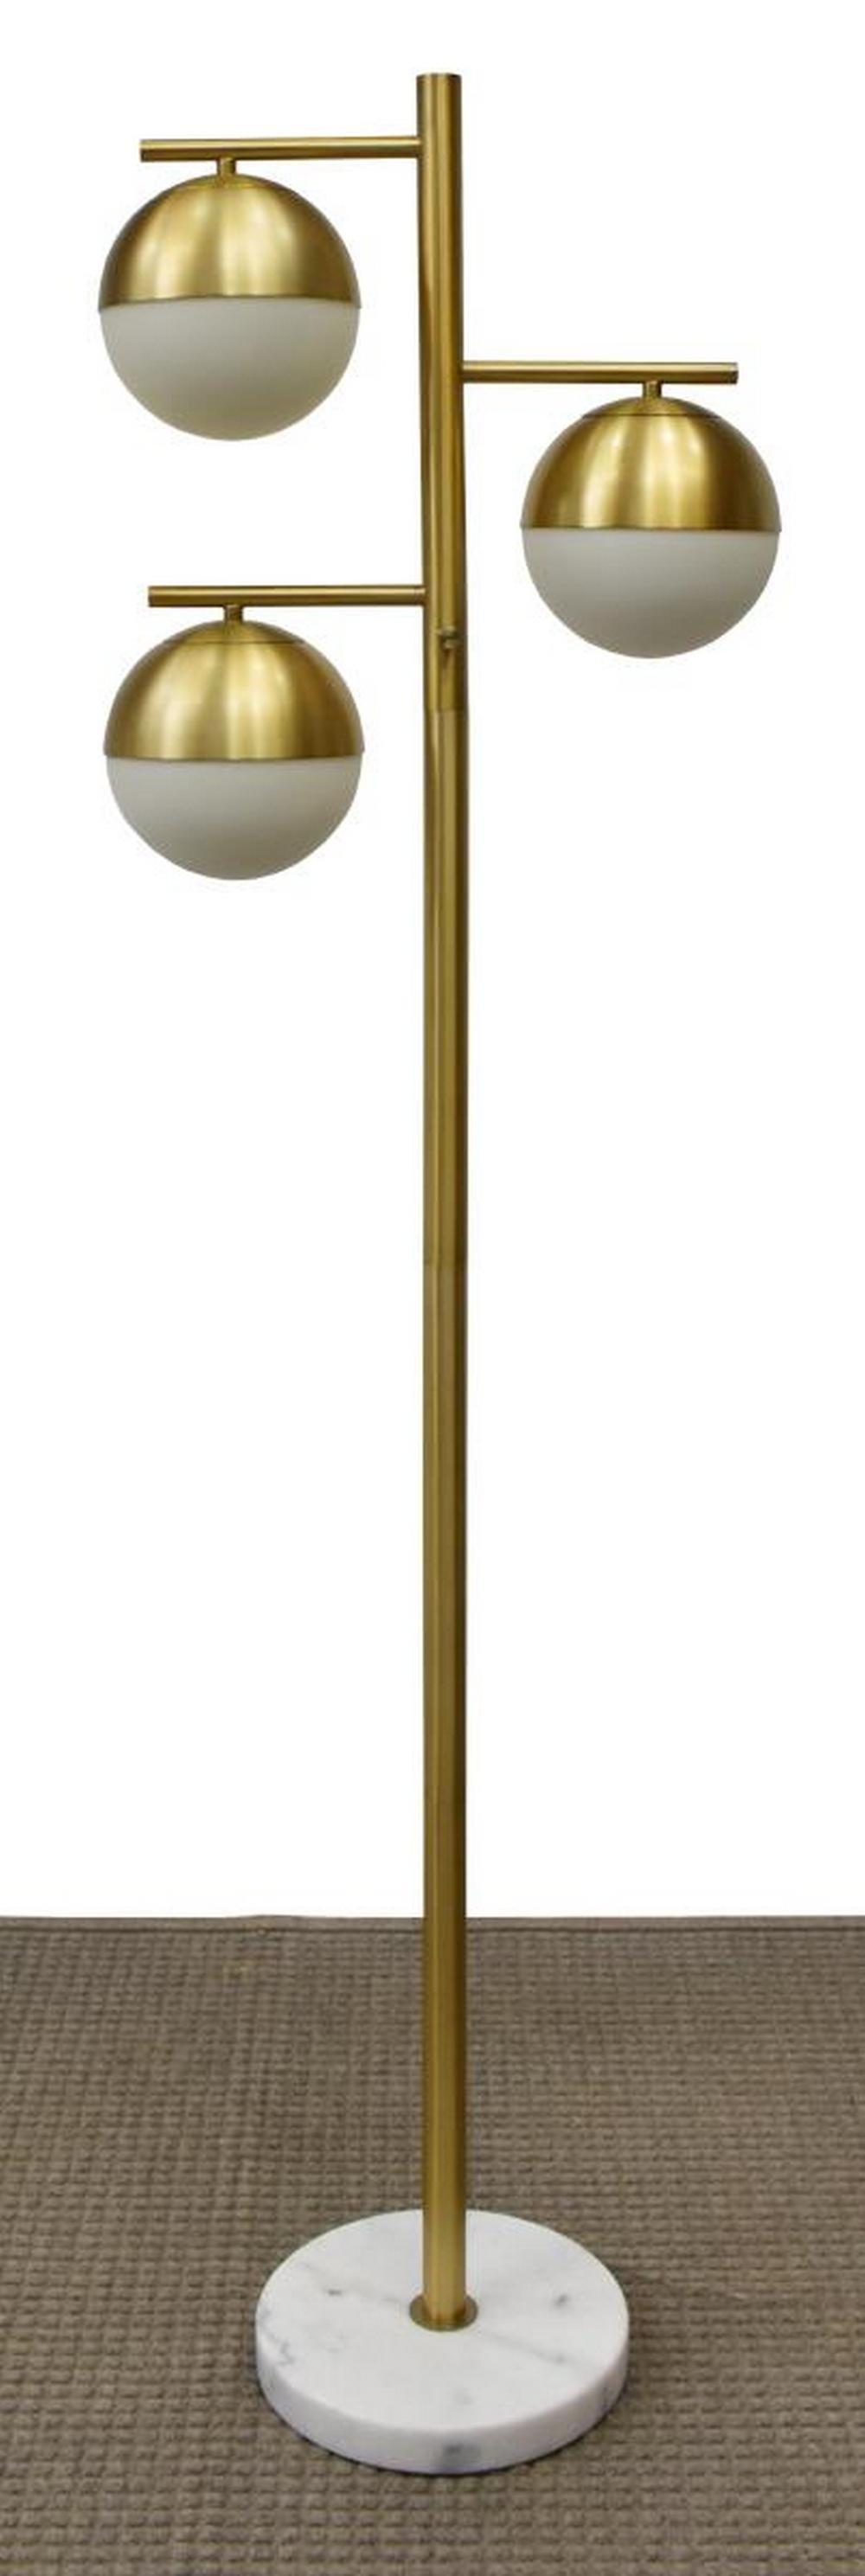 MID-CENTURY MODERN STYLE THREE-LIGHT FLOOR LAMP